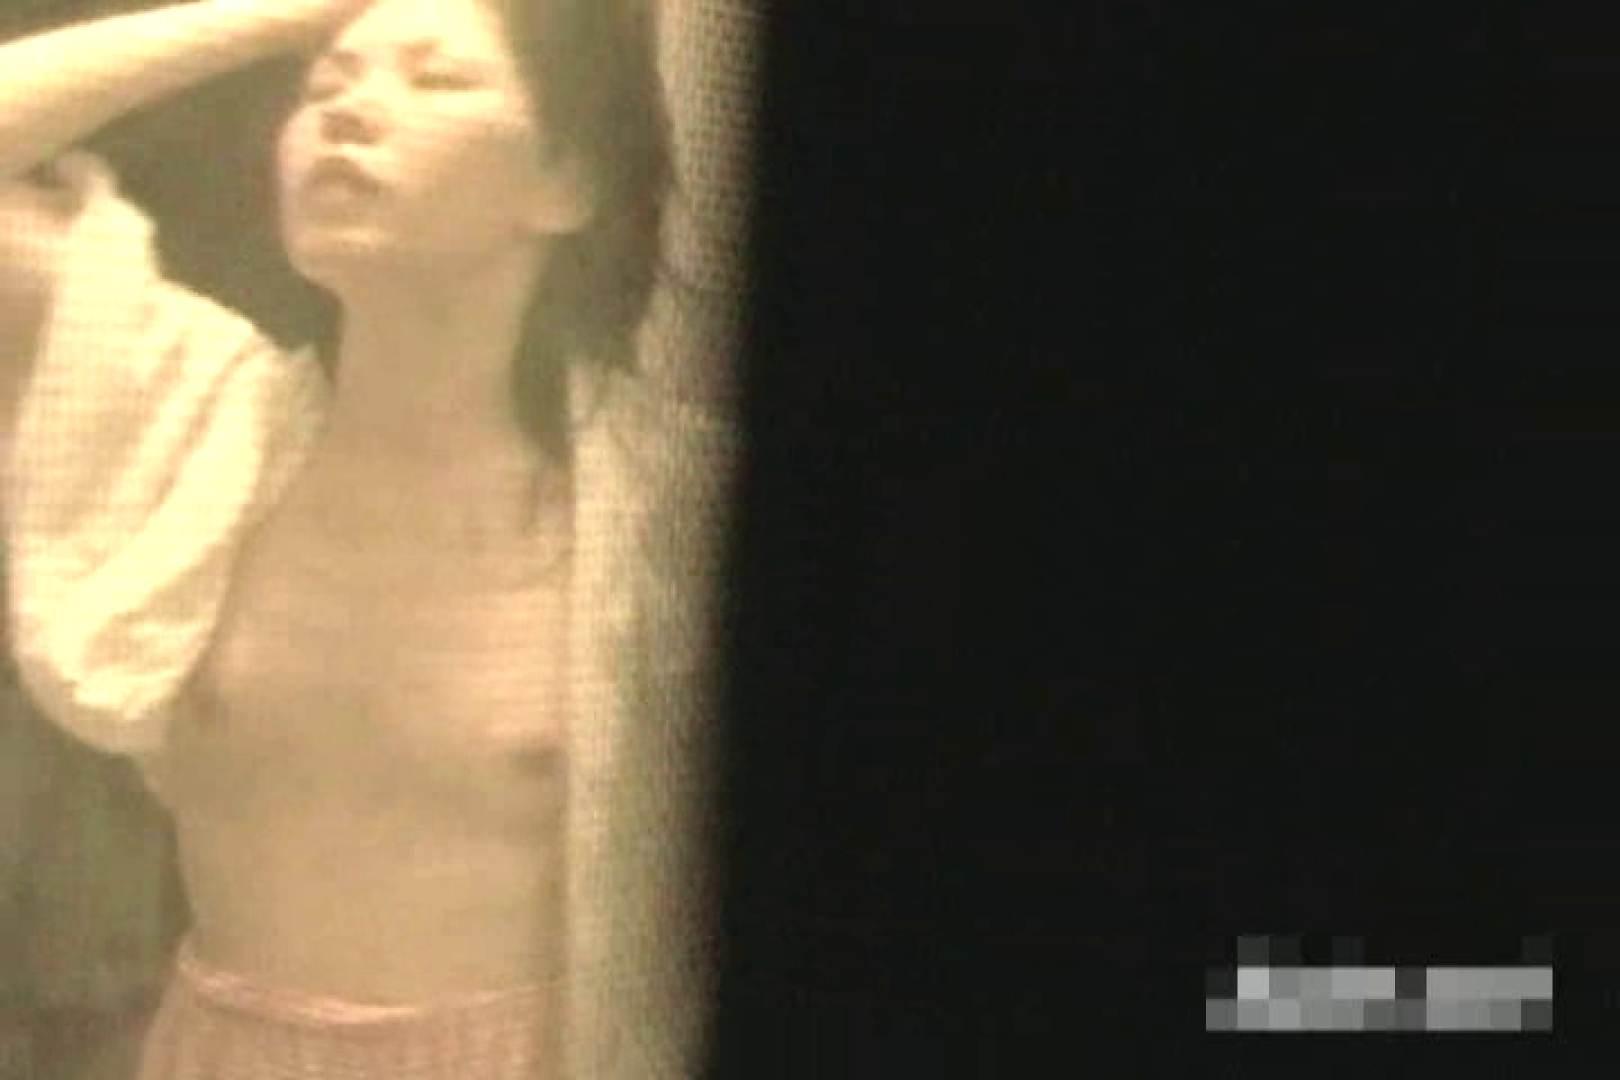 激撮ストーカー記録あなたのお宅拝見しますVol.5 ハプニング セックス無修正動画無料 103画像 84